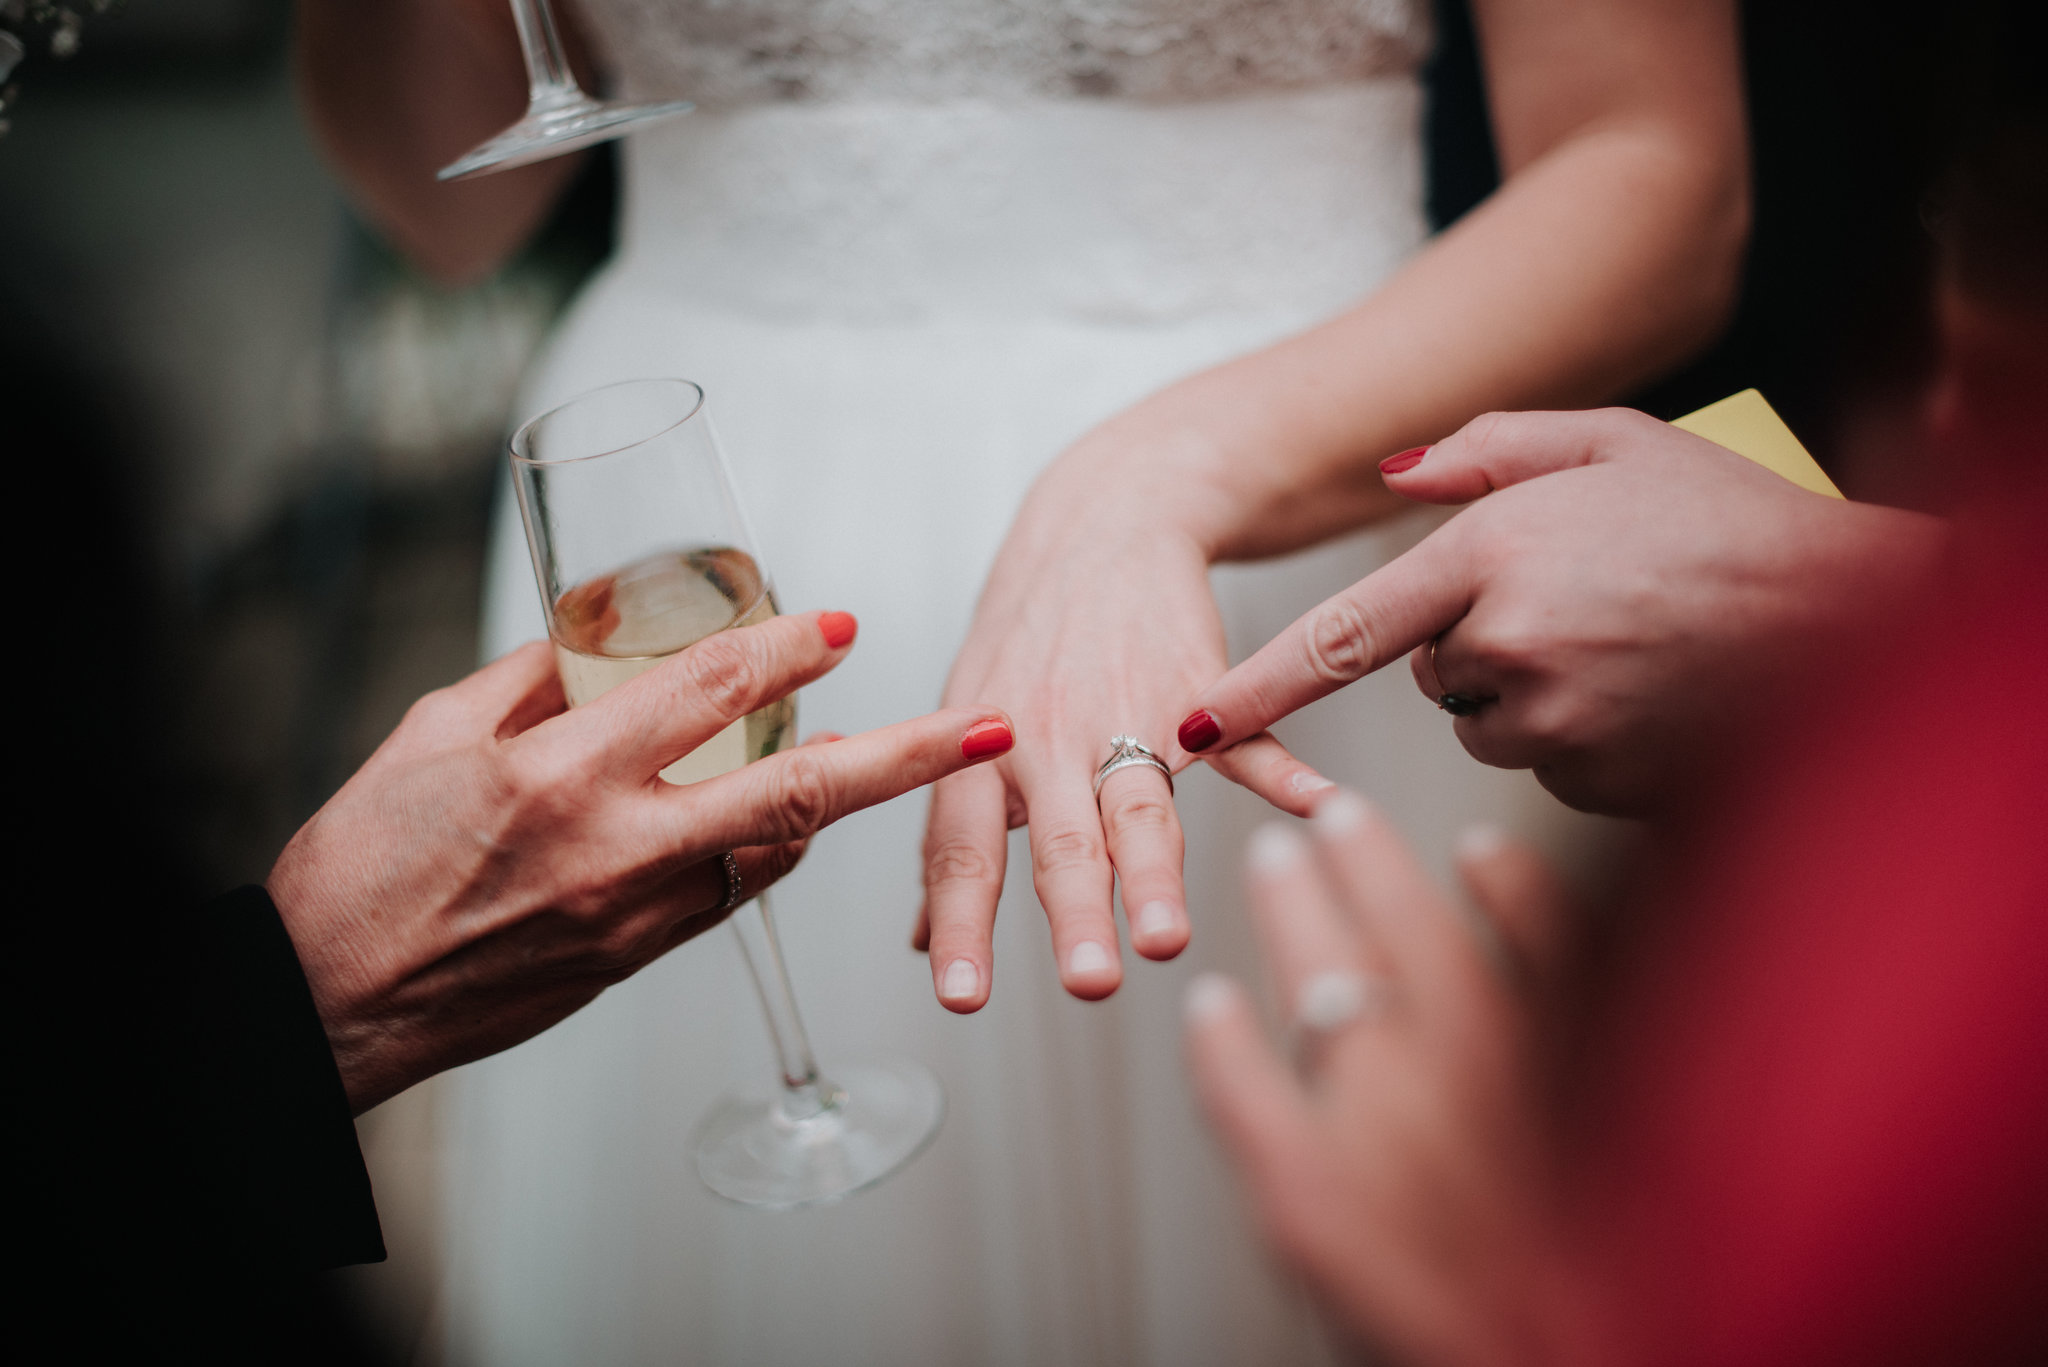 Léa-Fery-photographe-professionnel-lyon-rhone-alpes-portrait-creation-mariage-evenement-evenementiel-famille-2843.jpg